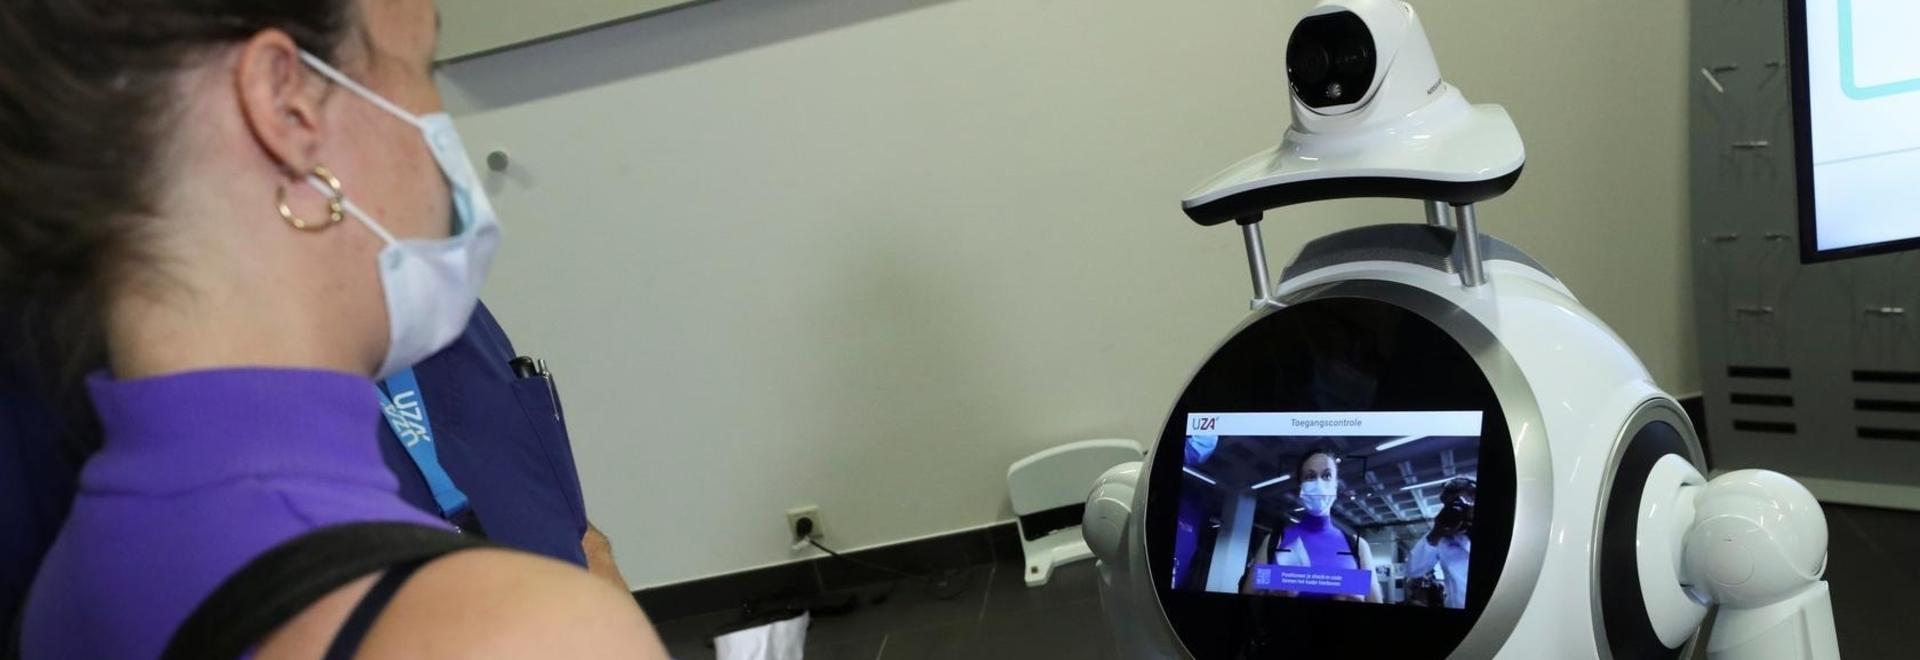 Ein Cruzr-Roboter überprüft einen Patienten in einem belgischen Krankenhaus.